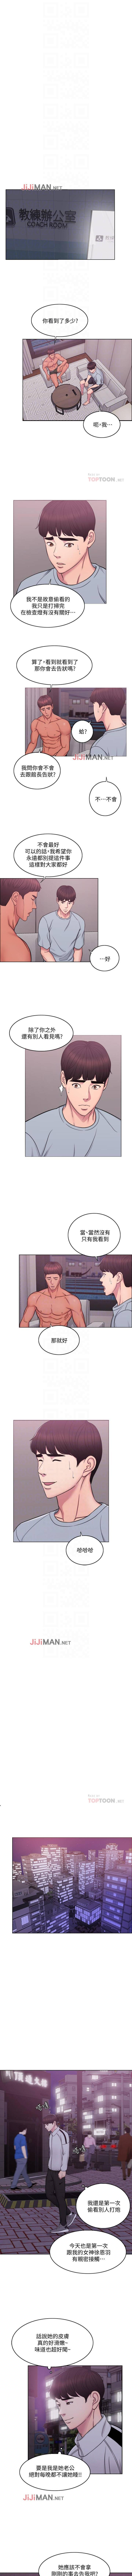 【周一连载】湿身游泳课(作者:0510&TB Production) 第1~17话 11